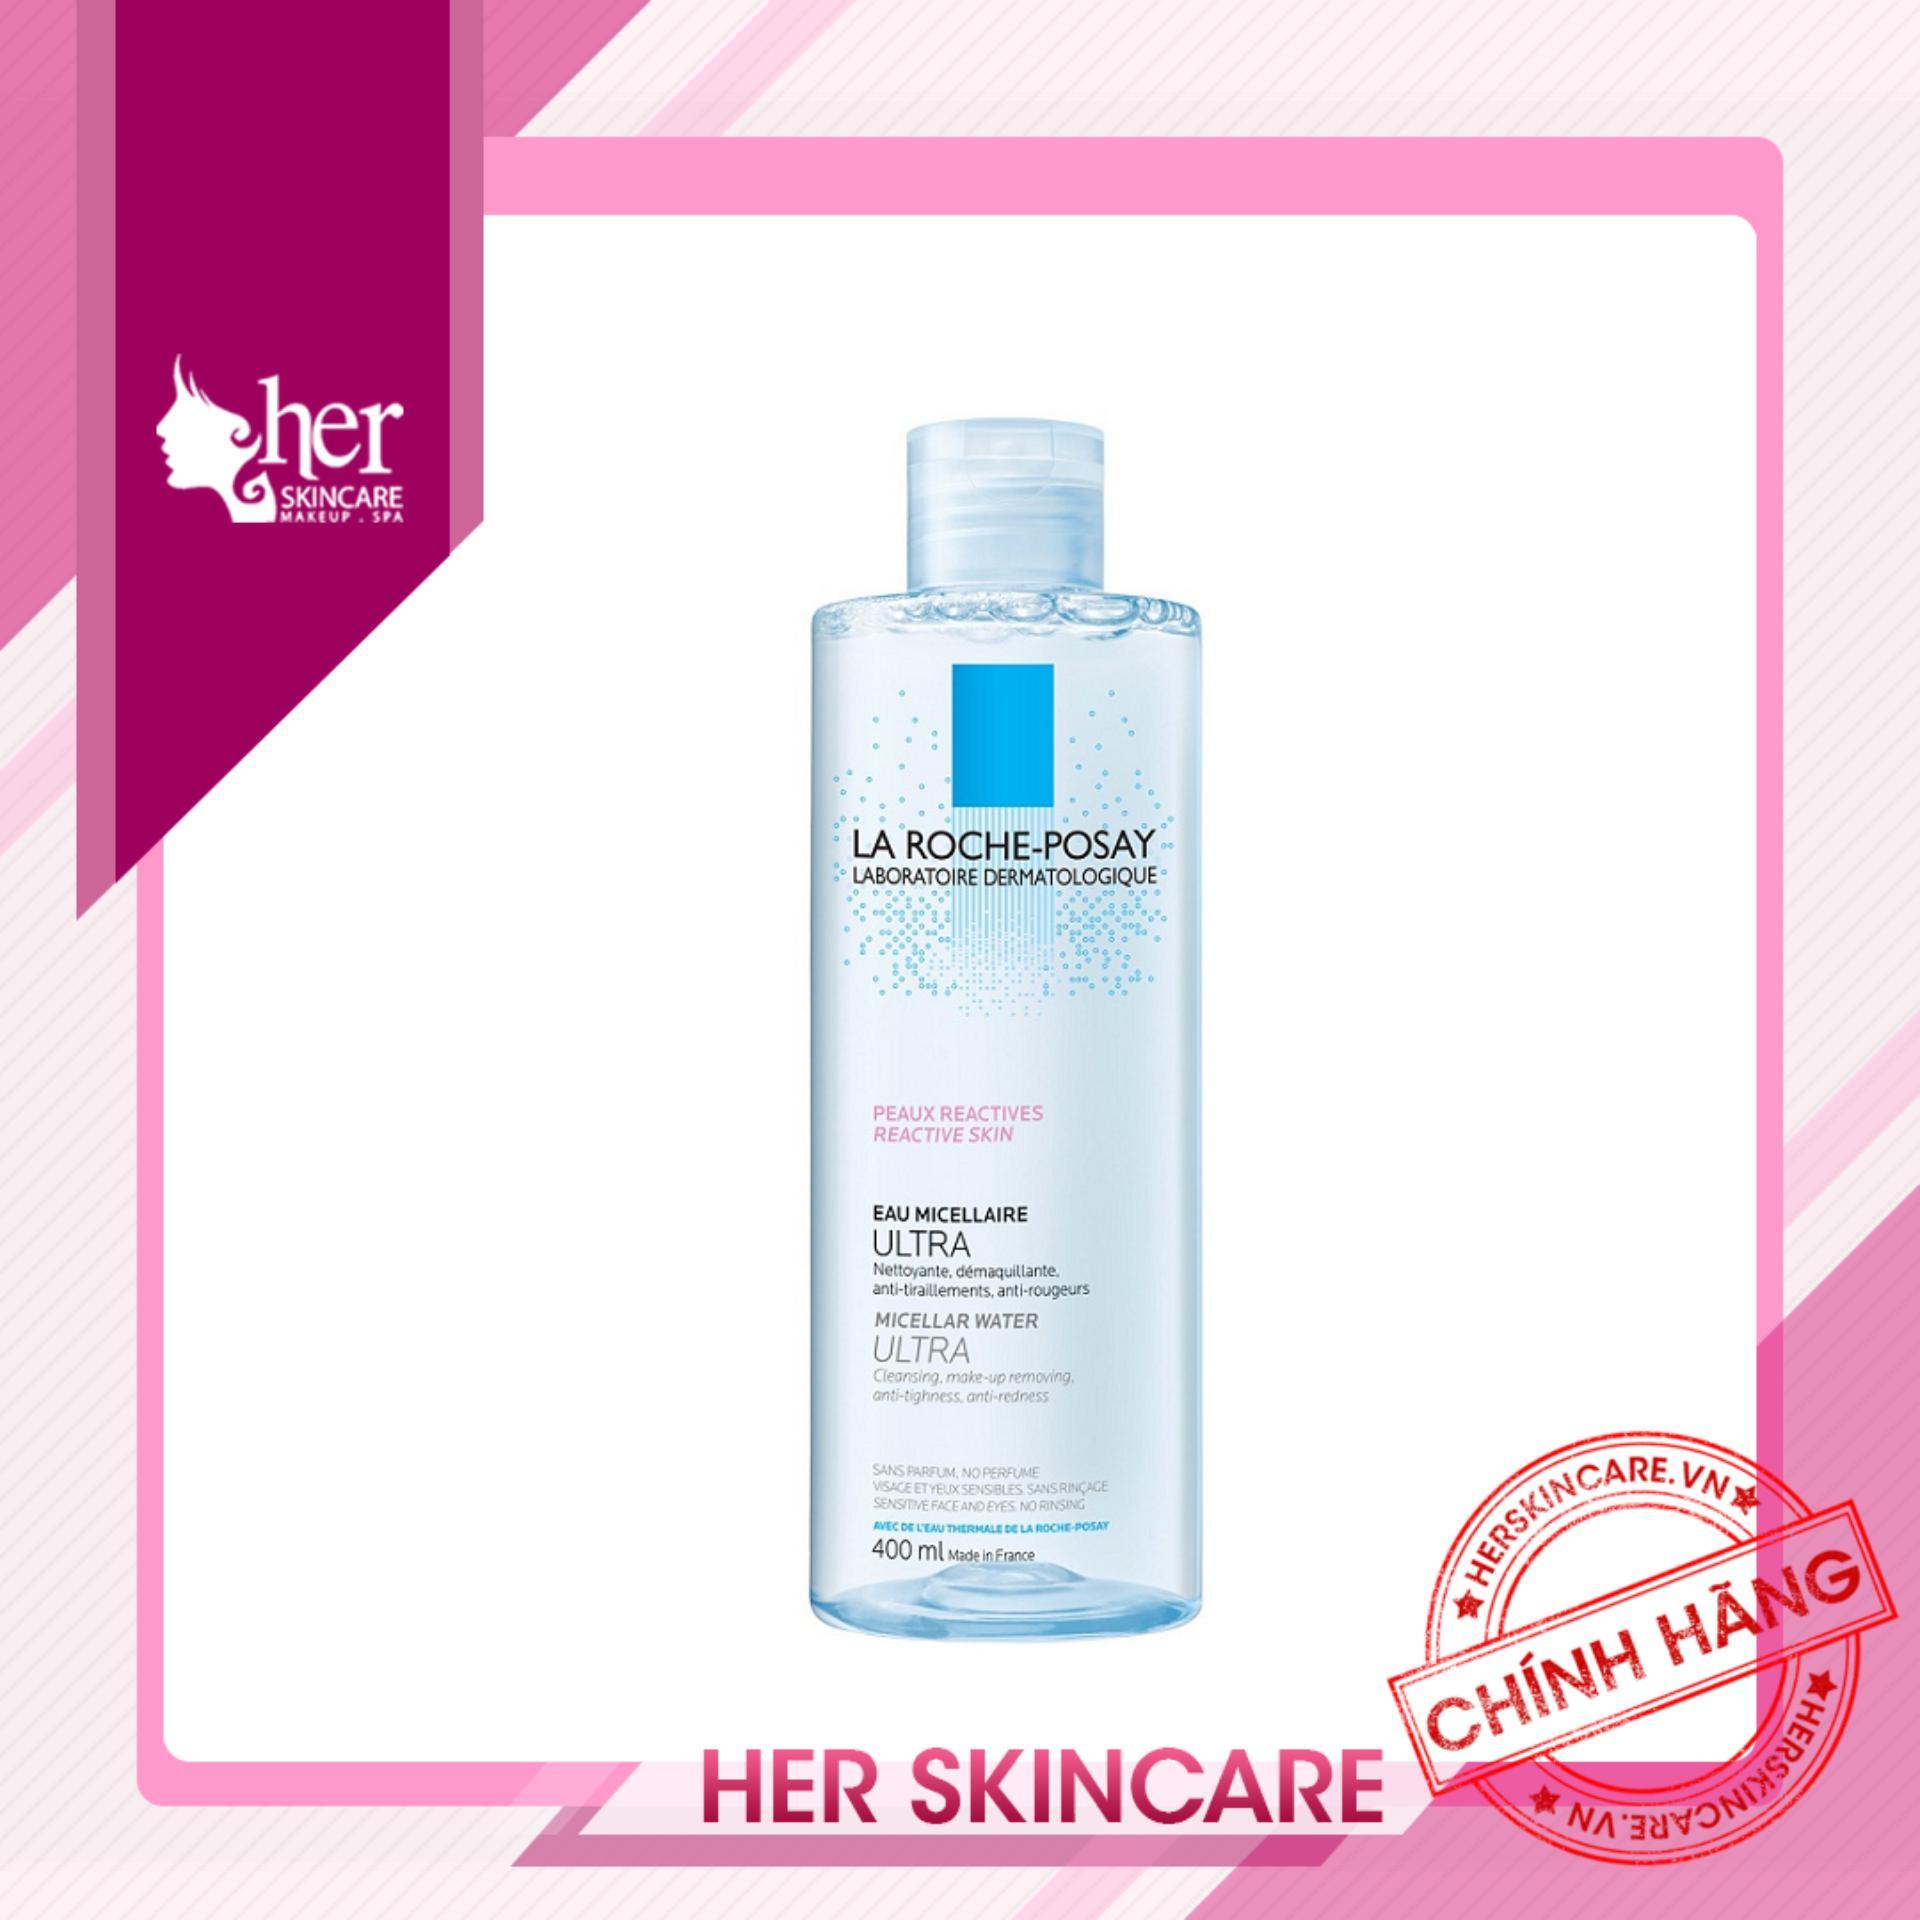 Tẩy trang da dầu La Roche-Posay Effaclar Purifying Micellar Water Oily Skin 400ml tốt nhất